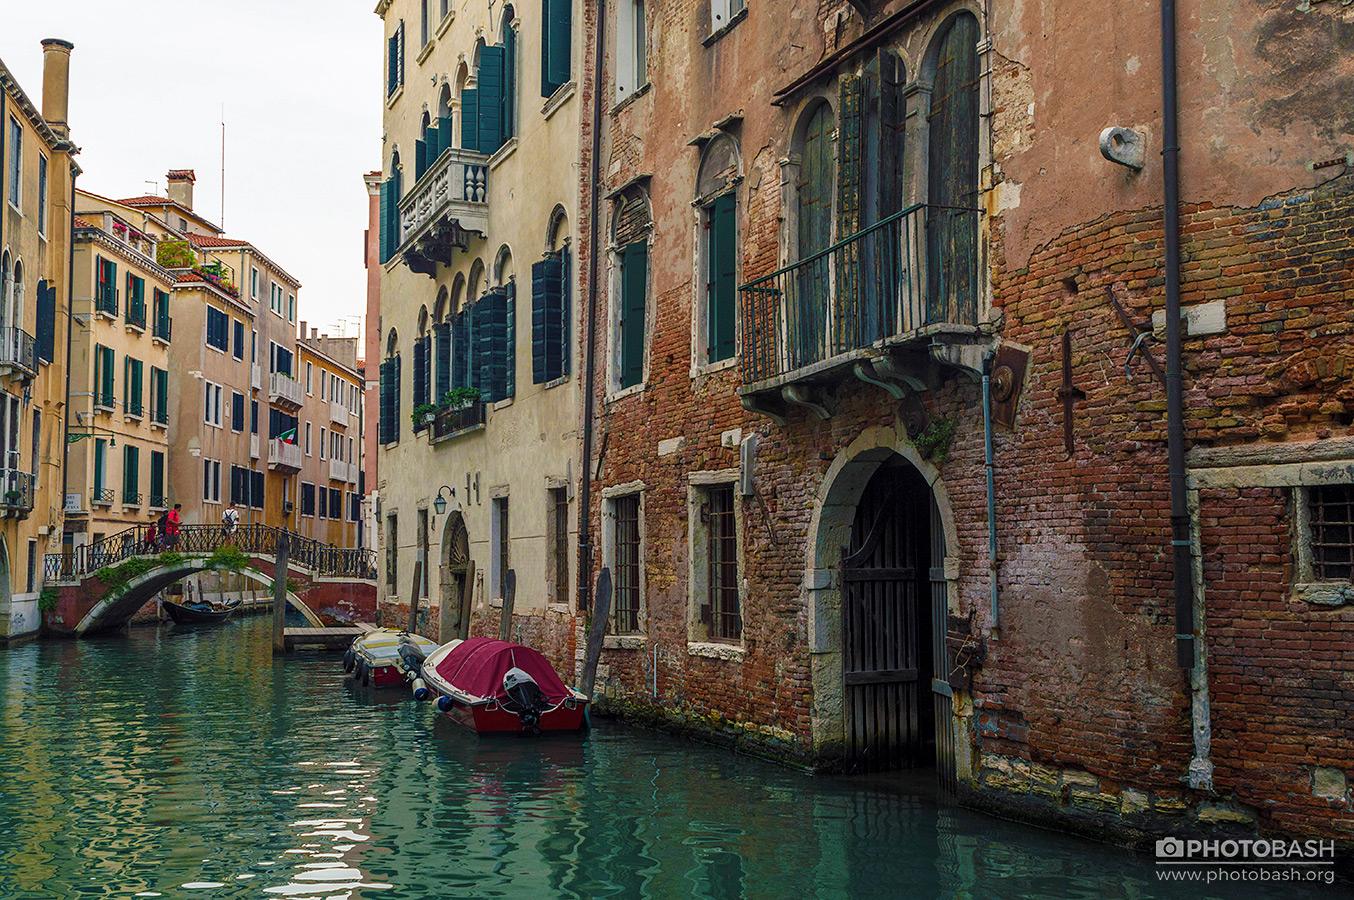 Venice-Canals-Water-Street.jpg